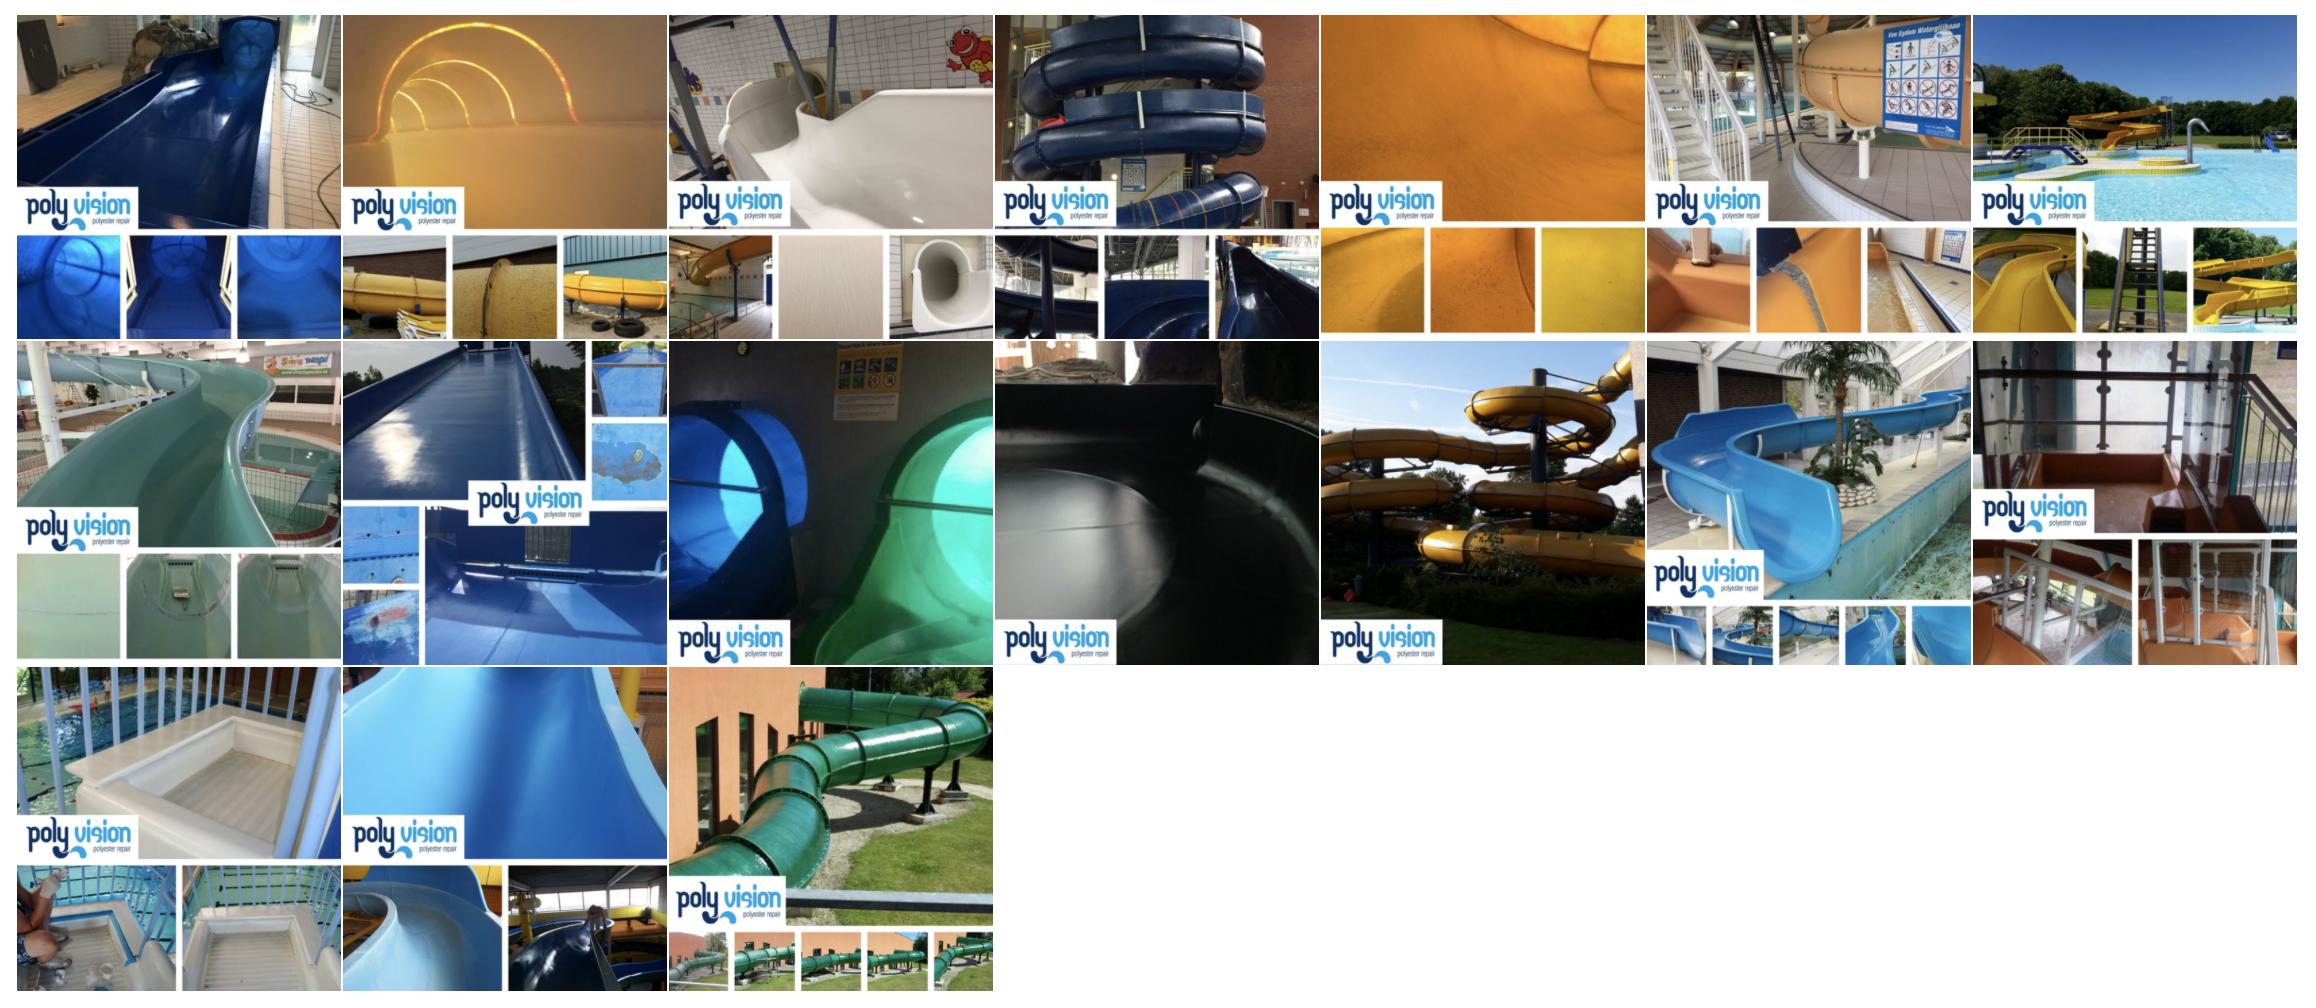 polyester reparatie, renovatie, onderhoud waterglijbanen